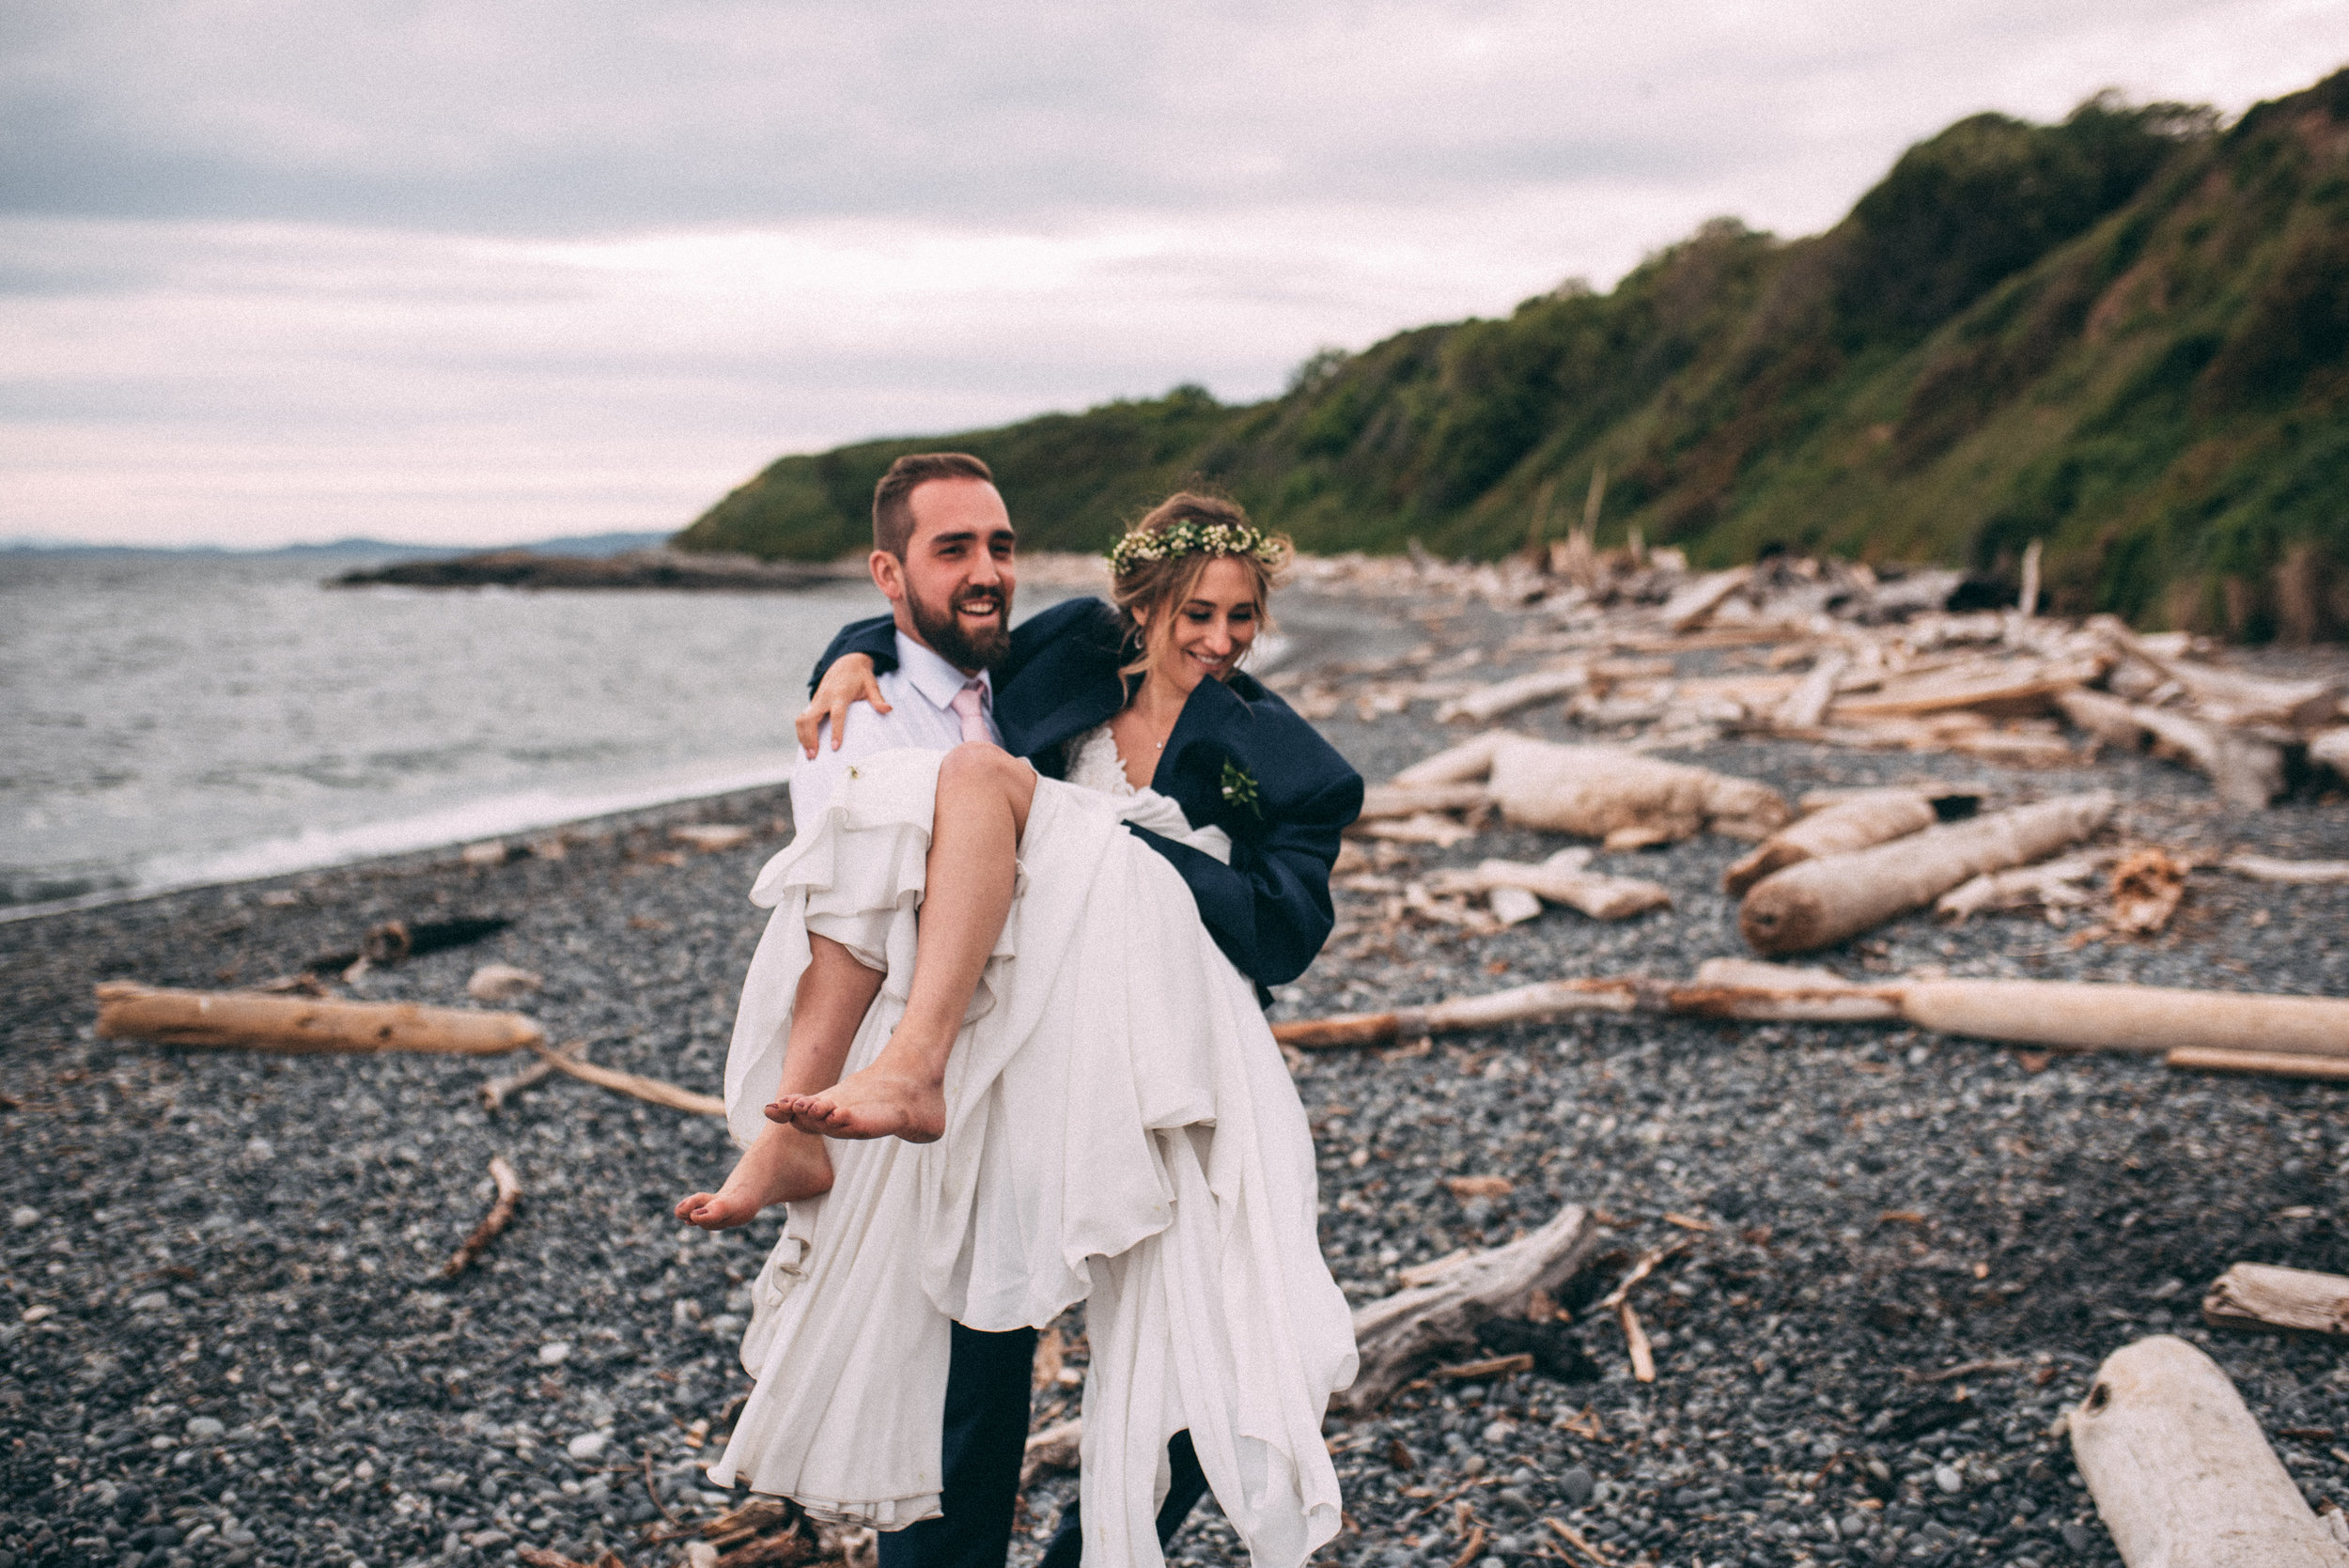 Amanda&EricMoisanVictoriaWedding-May26,2018-LauraOlsonPhotography-7991.jpg